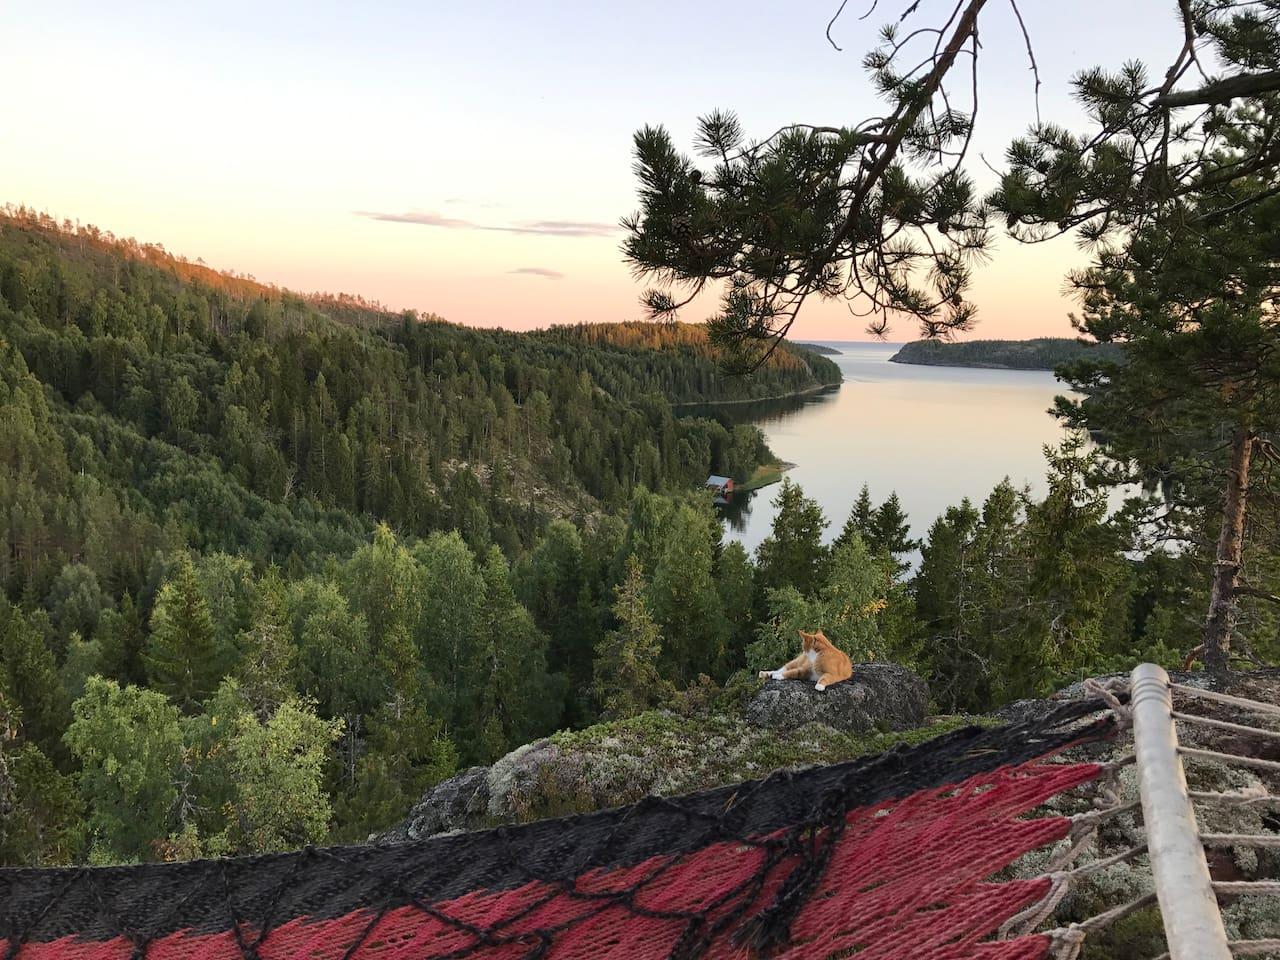 Går du upp på berget kan du vila och njuta i en av våra hängmattor. Möjligt att du får sällskap av någon av våra katter :) Det tar ca 10 min att komma hit upp